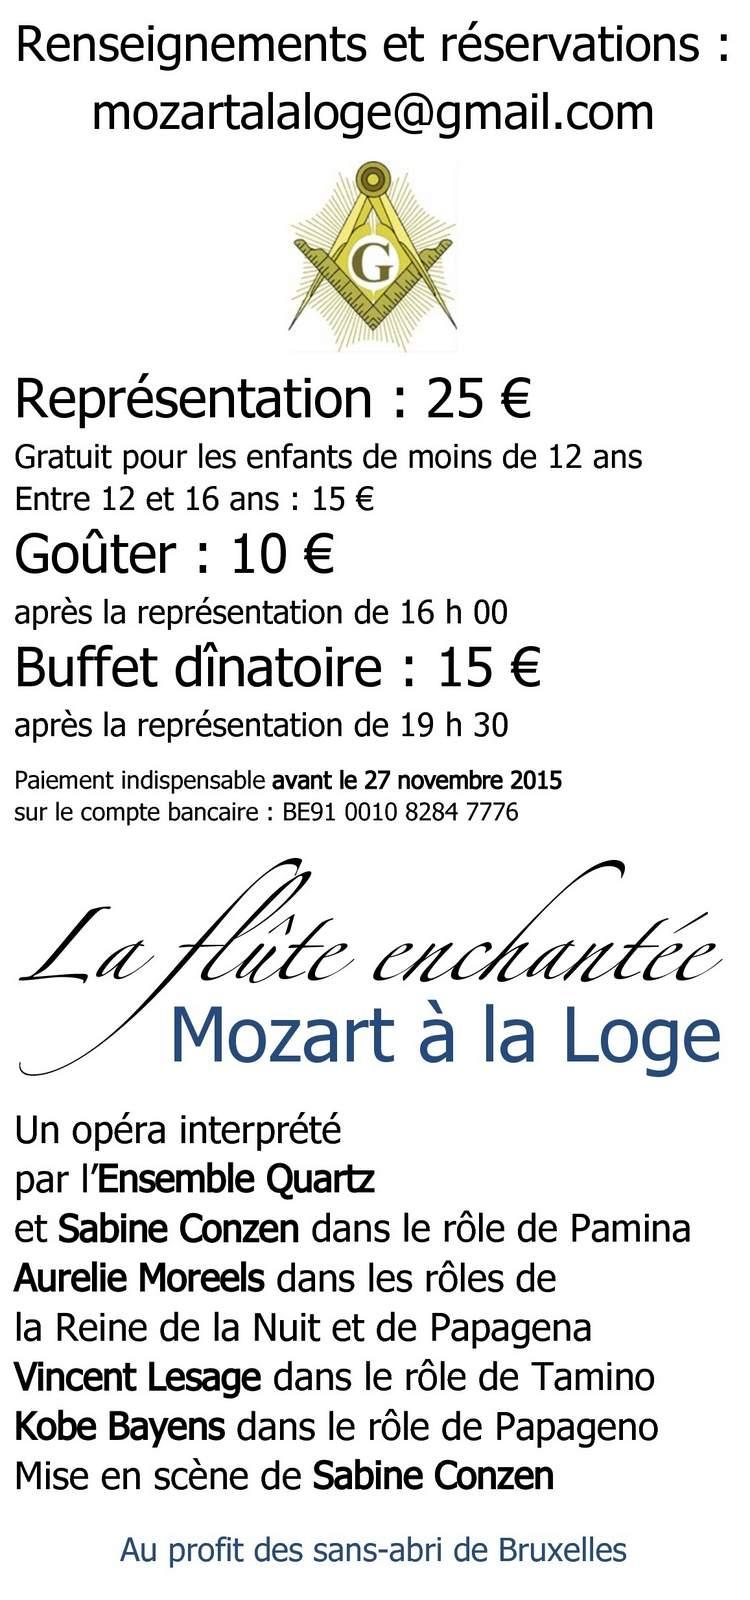 La flute enchantée - Mozart à la Loge - Verso - PUBLIC